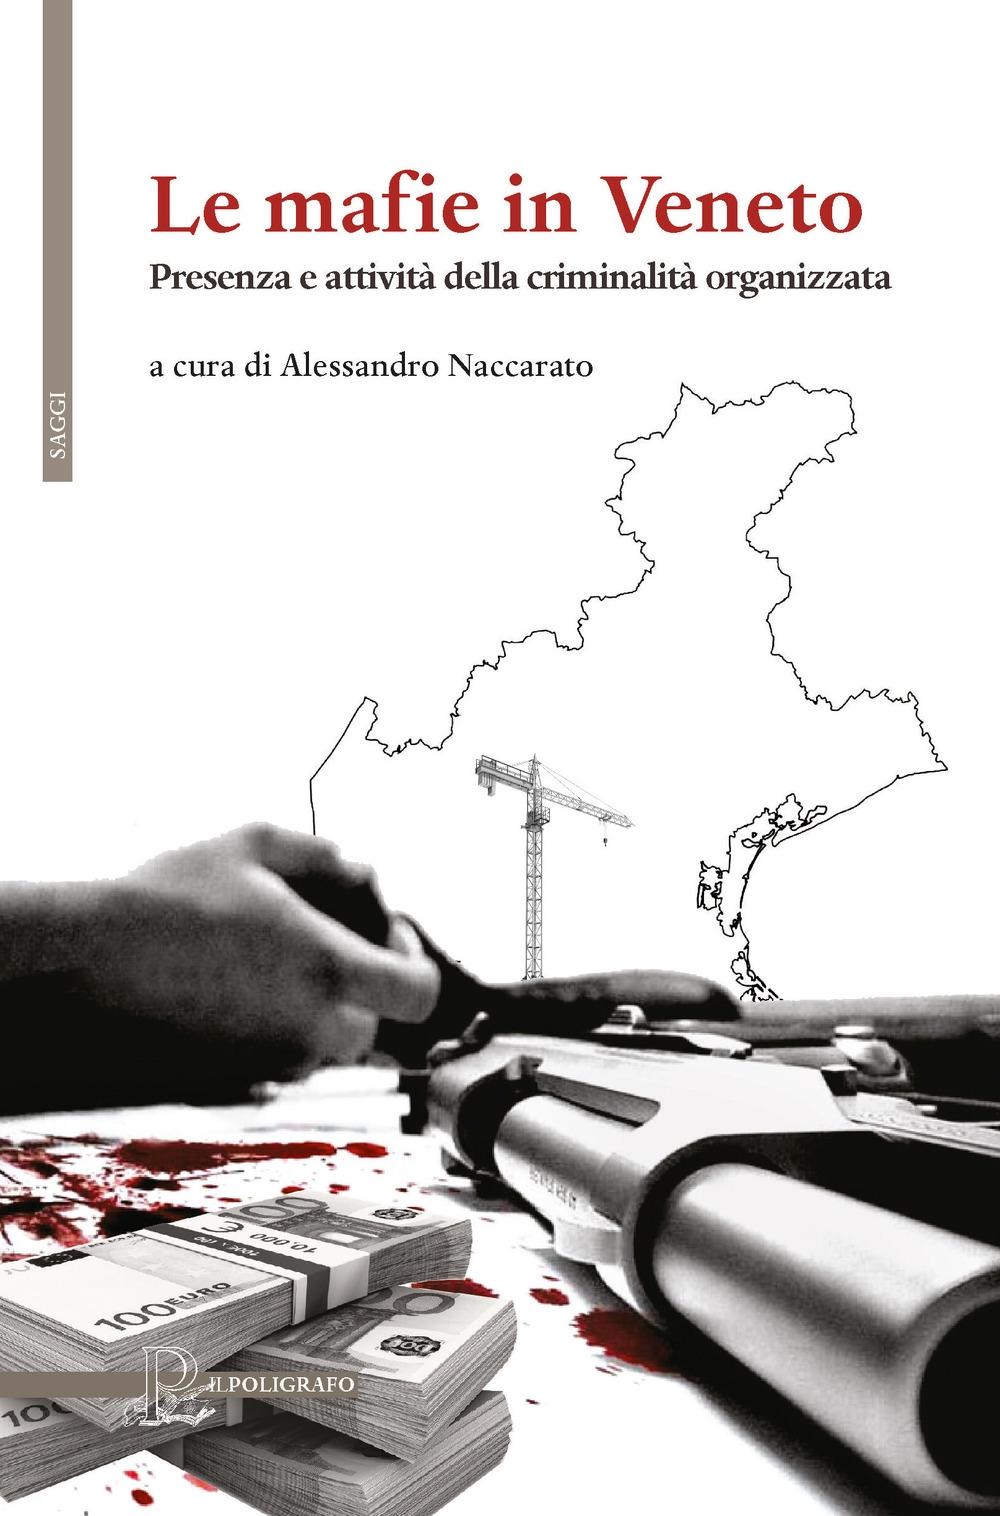 Le mafie in Veneto. Presenza e attività della criminalità organizzata